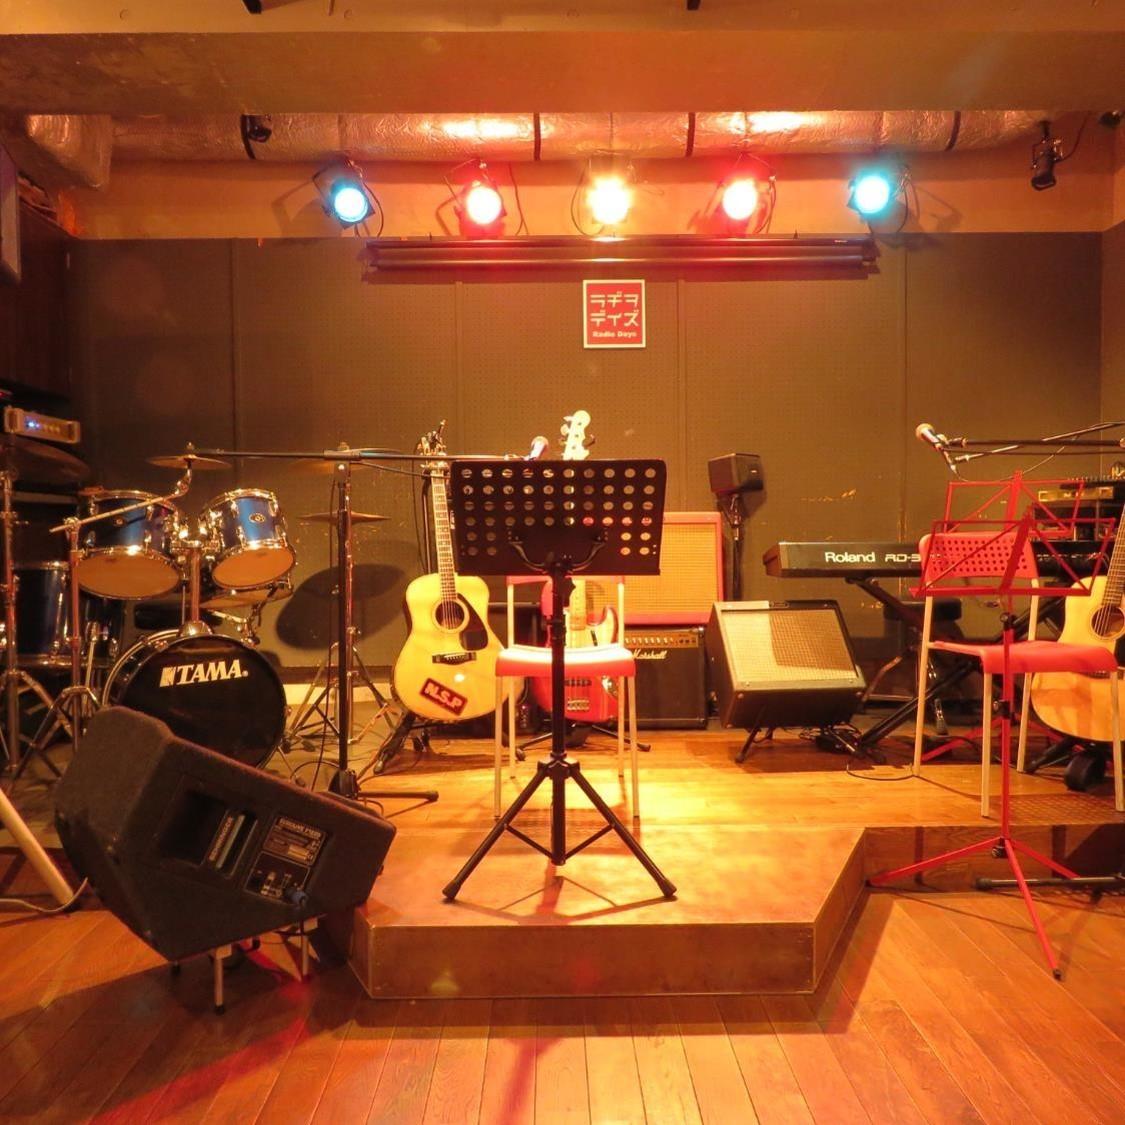 10人___ ___好♪因为你可以演奏乐器,即使在派对和宴会上你也会感到兴奋!